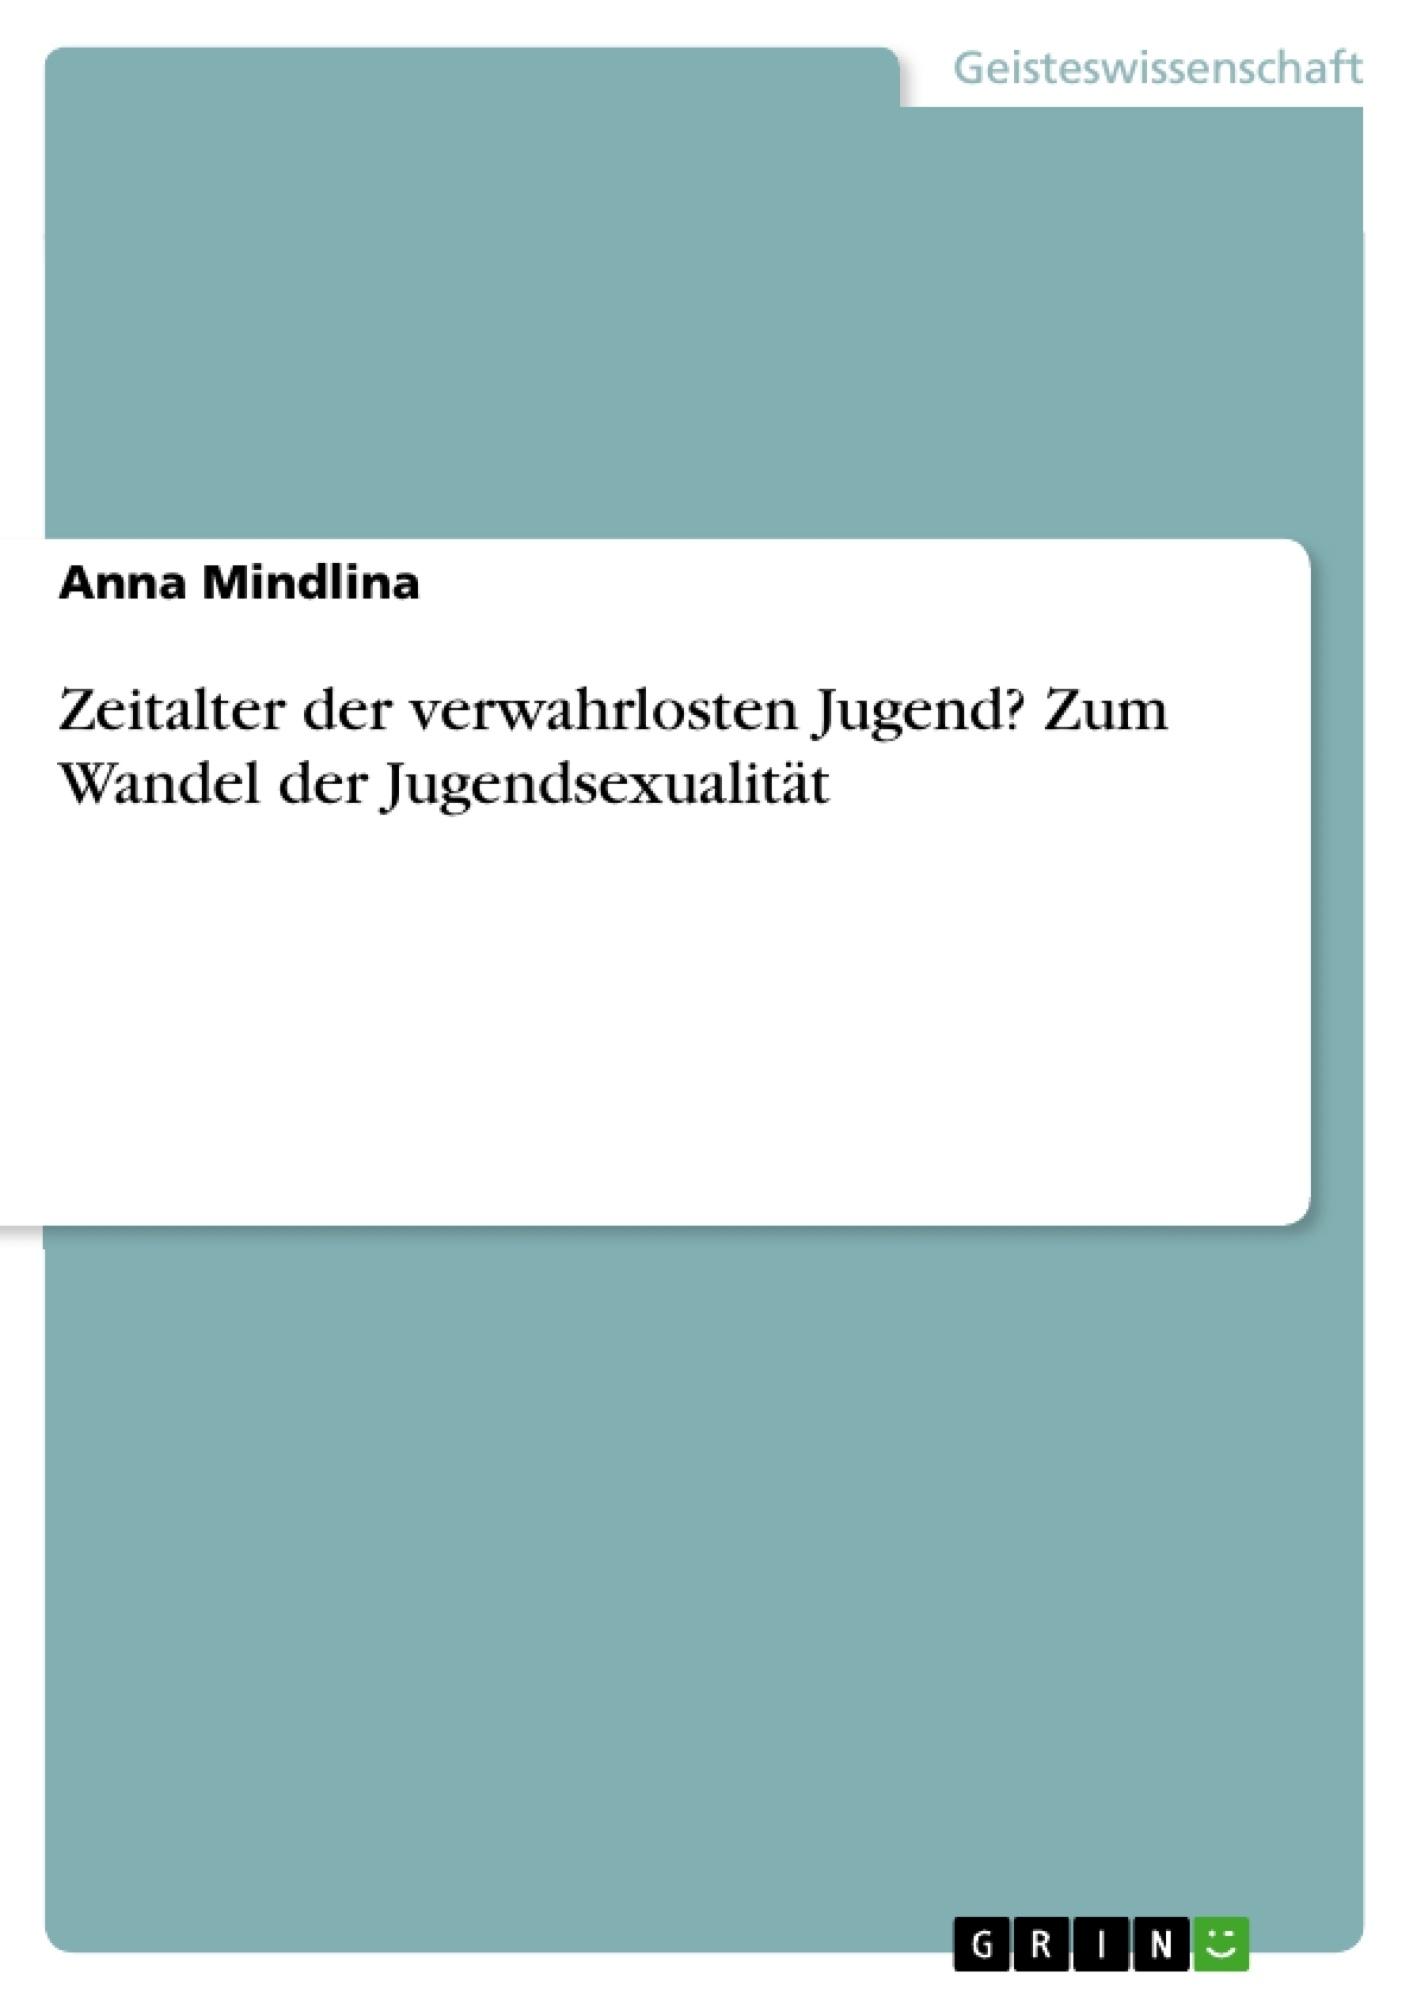 Titel: Zeitalter der verwahrlosten Jugend? Zum Wandel der Jugendsexualität